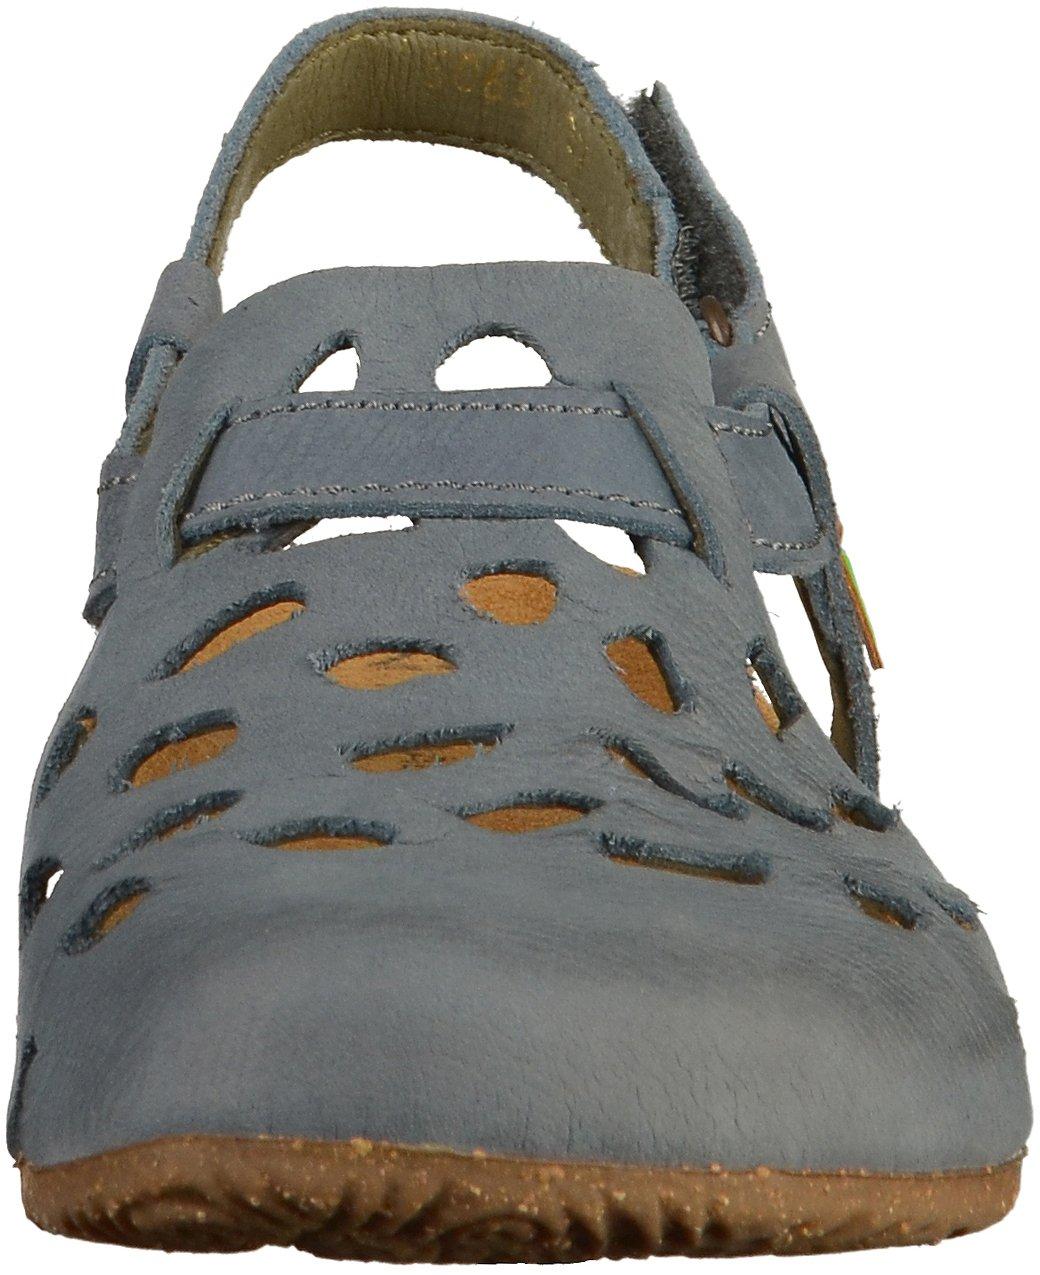 El Damen Naturalista Damen El N5063 Geschlossene Sandalen Blau a41509